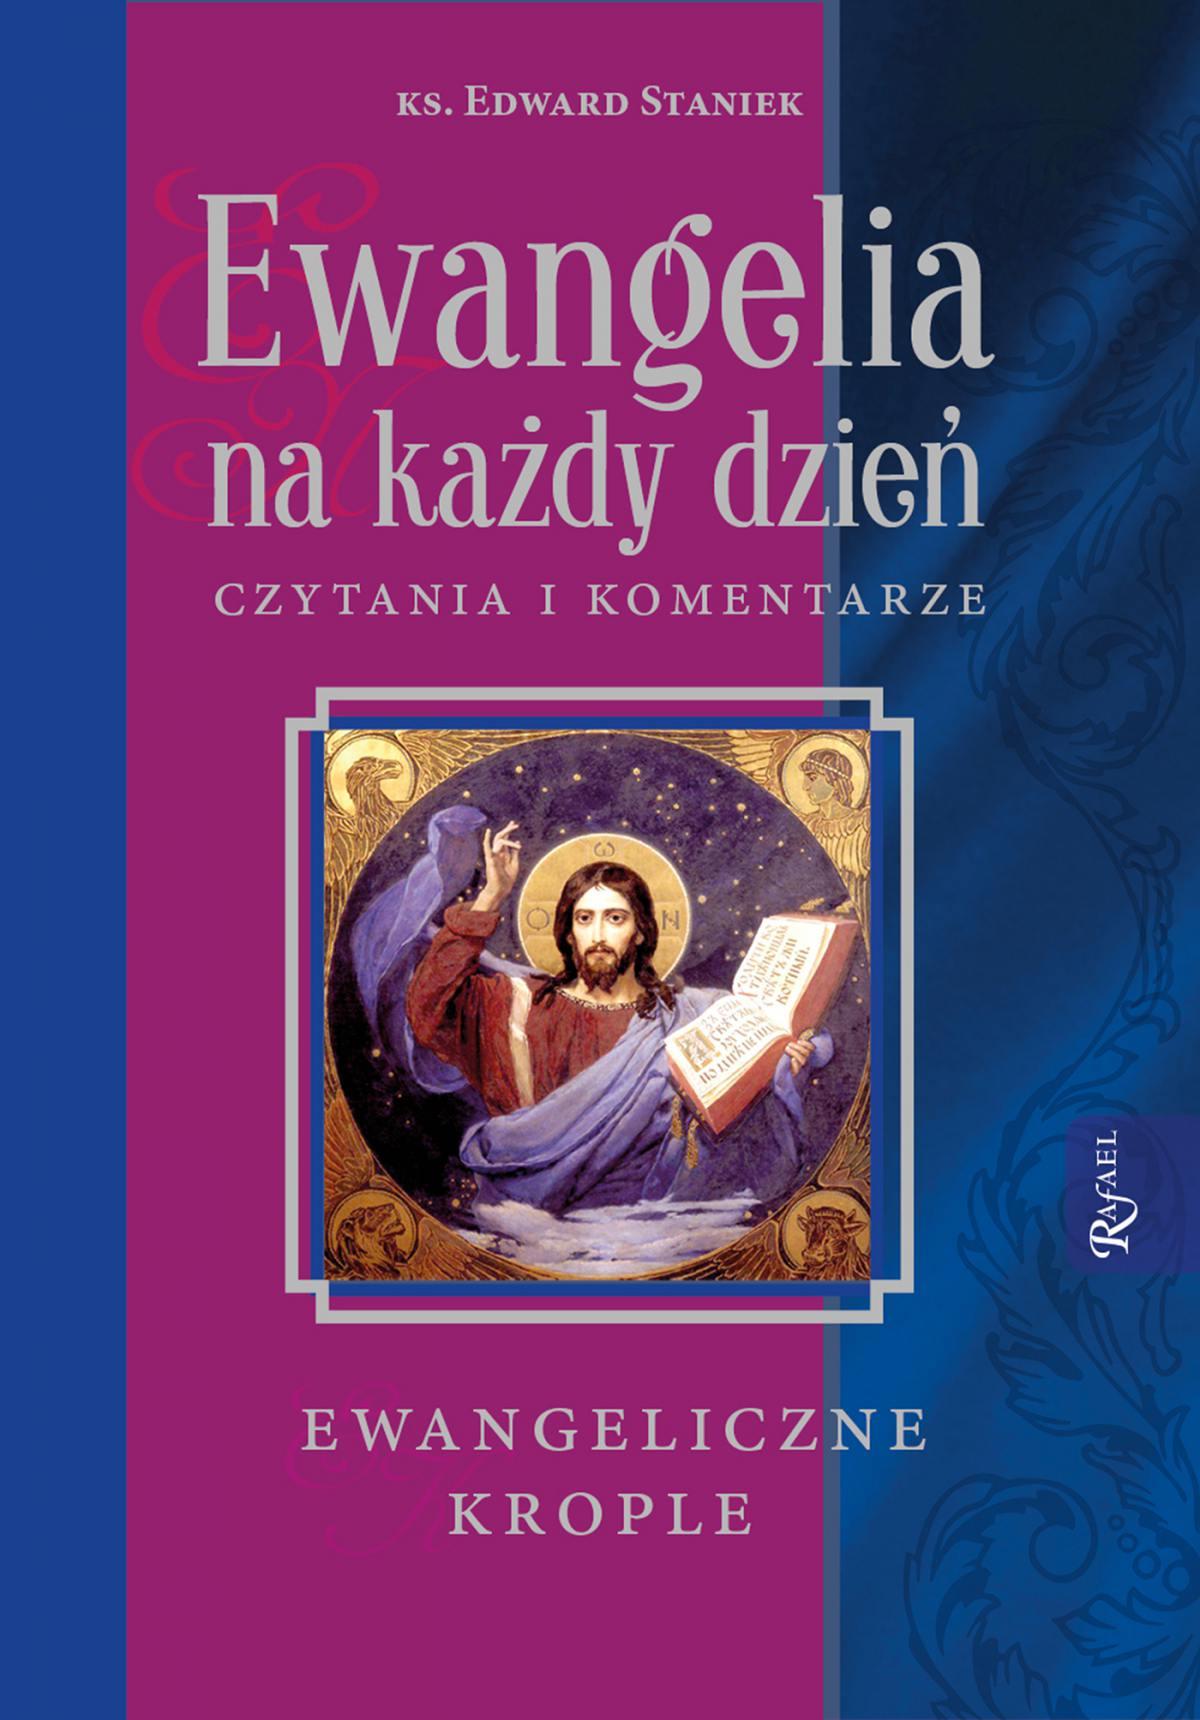 Ewangelia na każdy dzień. Czytania i komentarze - ewangeliczne krople - Ebook (Książka EPUB) do pobrania w formacie EPUB